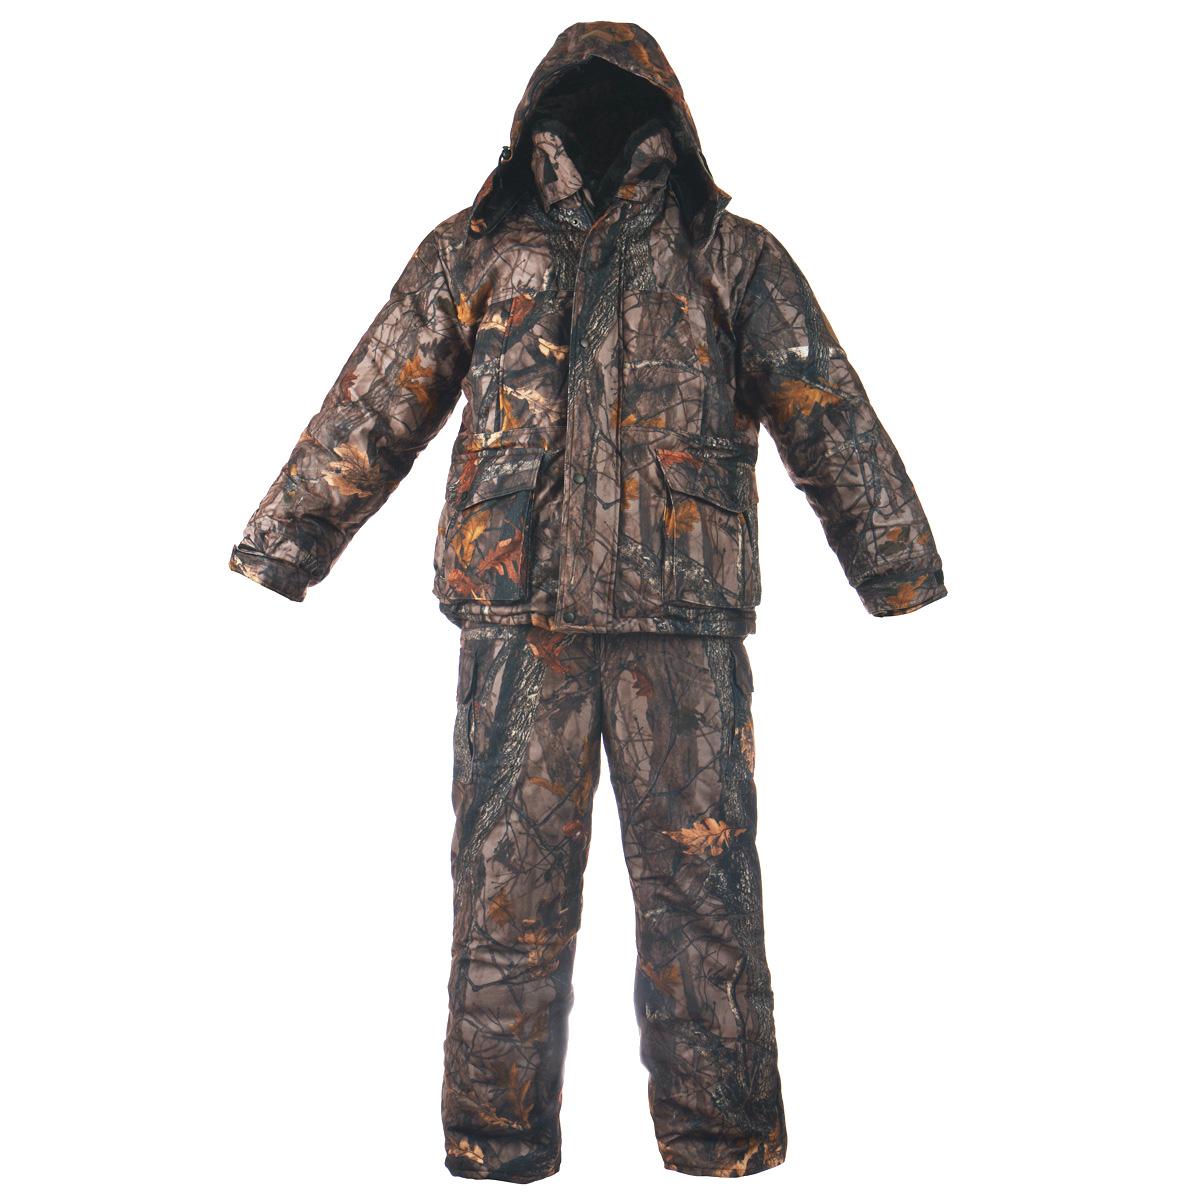 Комплект верхней одеждыБуран-М_смесоваяТеплый зимний мужской комплект Huntsman Буран-М, состоящий из куртки и полукомбинезона, предназначен для рыбалки, охоты и активного отдыха на природе. Верхний материал не продувается ветром, не промокает под сильным дождем, не теряет своих свойств при низких температурах (до -30°С) и не шуршит. Верхний материал: смесовая ткань (65% полиэстер, 35% хлопок), Oxford, Alova. Подкладка - Taffeta 190T, Polar Fleece, искусственный мутон. Ткань Alova с мембранным покрытием препятствует проникновению ветра, отталкивает жидкость от поверхности, замедляет потери тепла, пропускает испарения тела. В качестве утеплителя используется Radotex (Радотекс) (куртка - 450 г/м2, полукомбинезон - 300 г/м2), состоящий из полого высокоизвитого силикононизированного волокна. Уникальная структура утеплителя обеспечивает высокие потребительские качества: Низкий коэффициент теплоотдачи; Прекрасно поддерживает микроклимат человека, хорошо пропускает воздух; ...